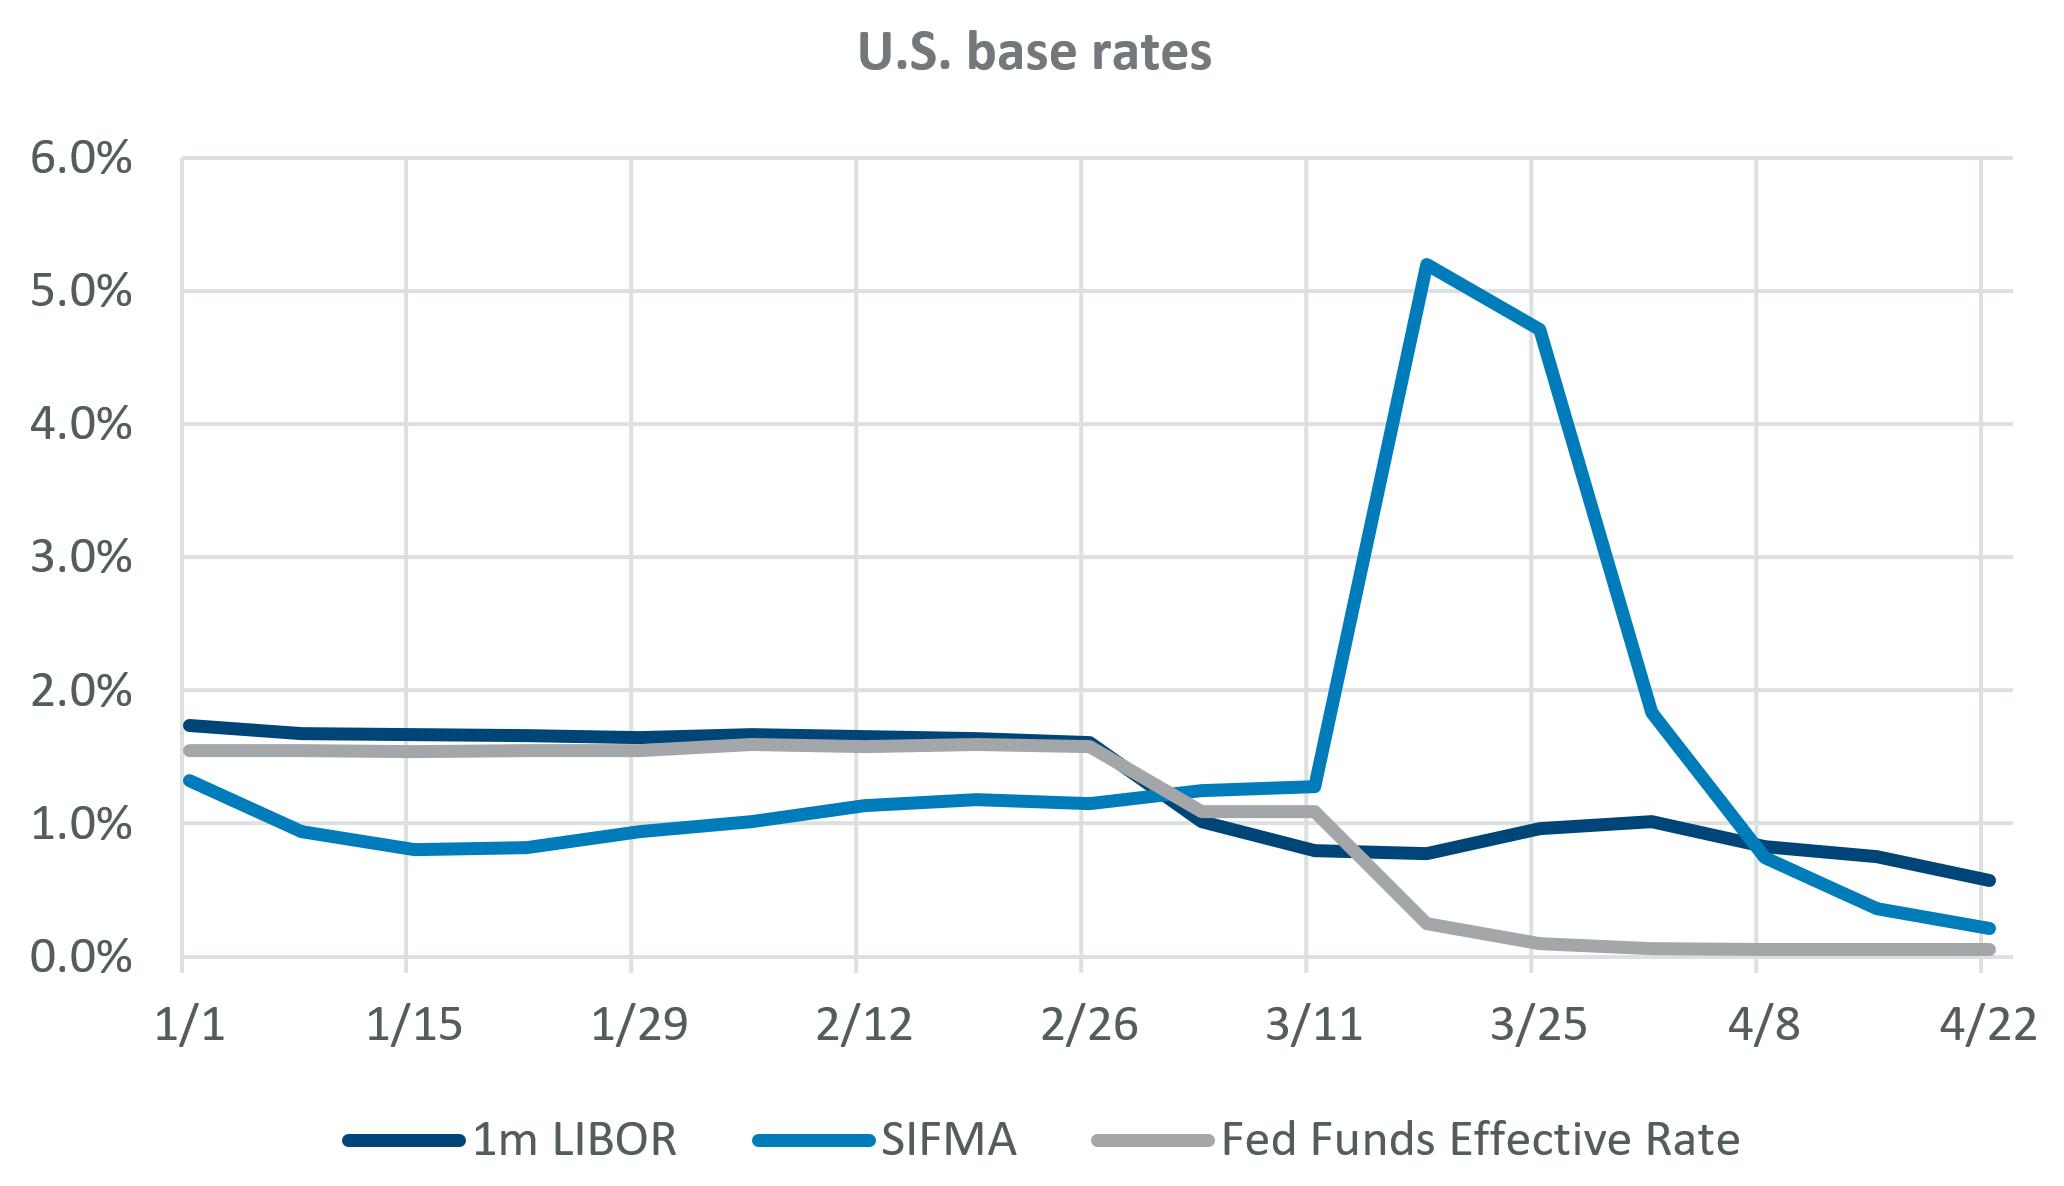 U.S. base rates